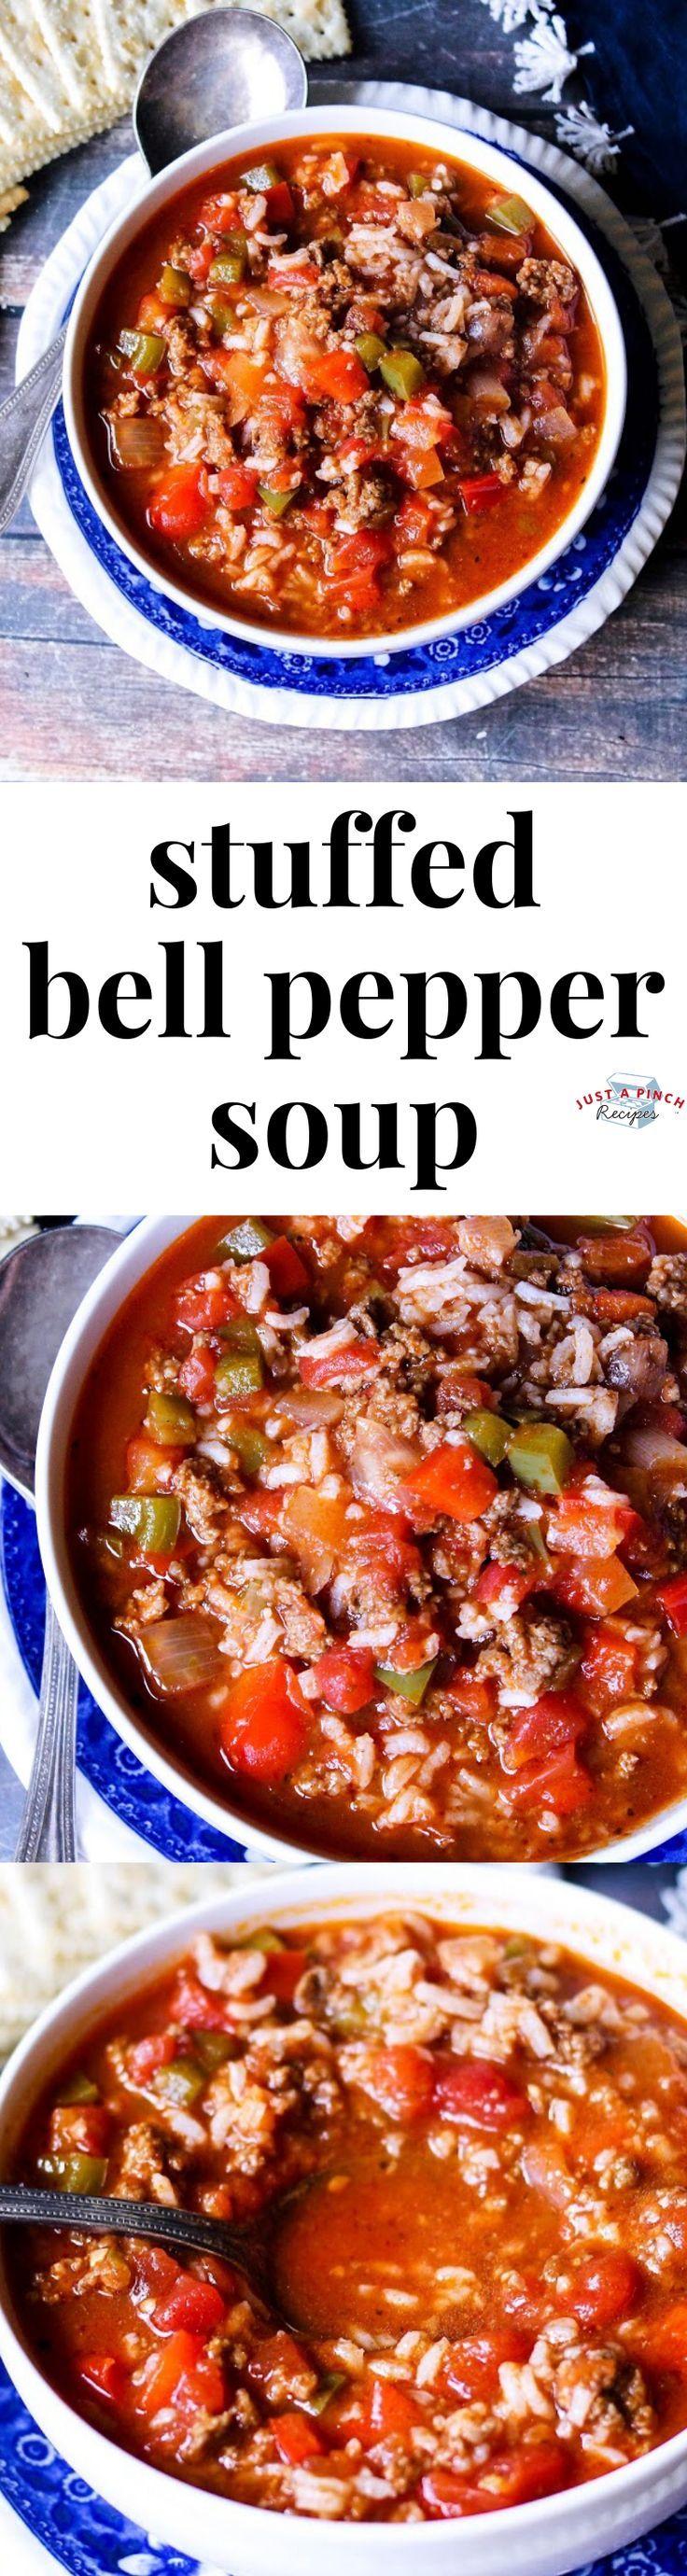 Stuffed Bell Pepper Soup Recipe In 2020 Stuffed Peppers Stuffed Pepper Soup Stuffed Bell Peppers